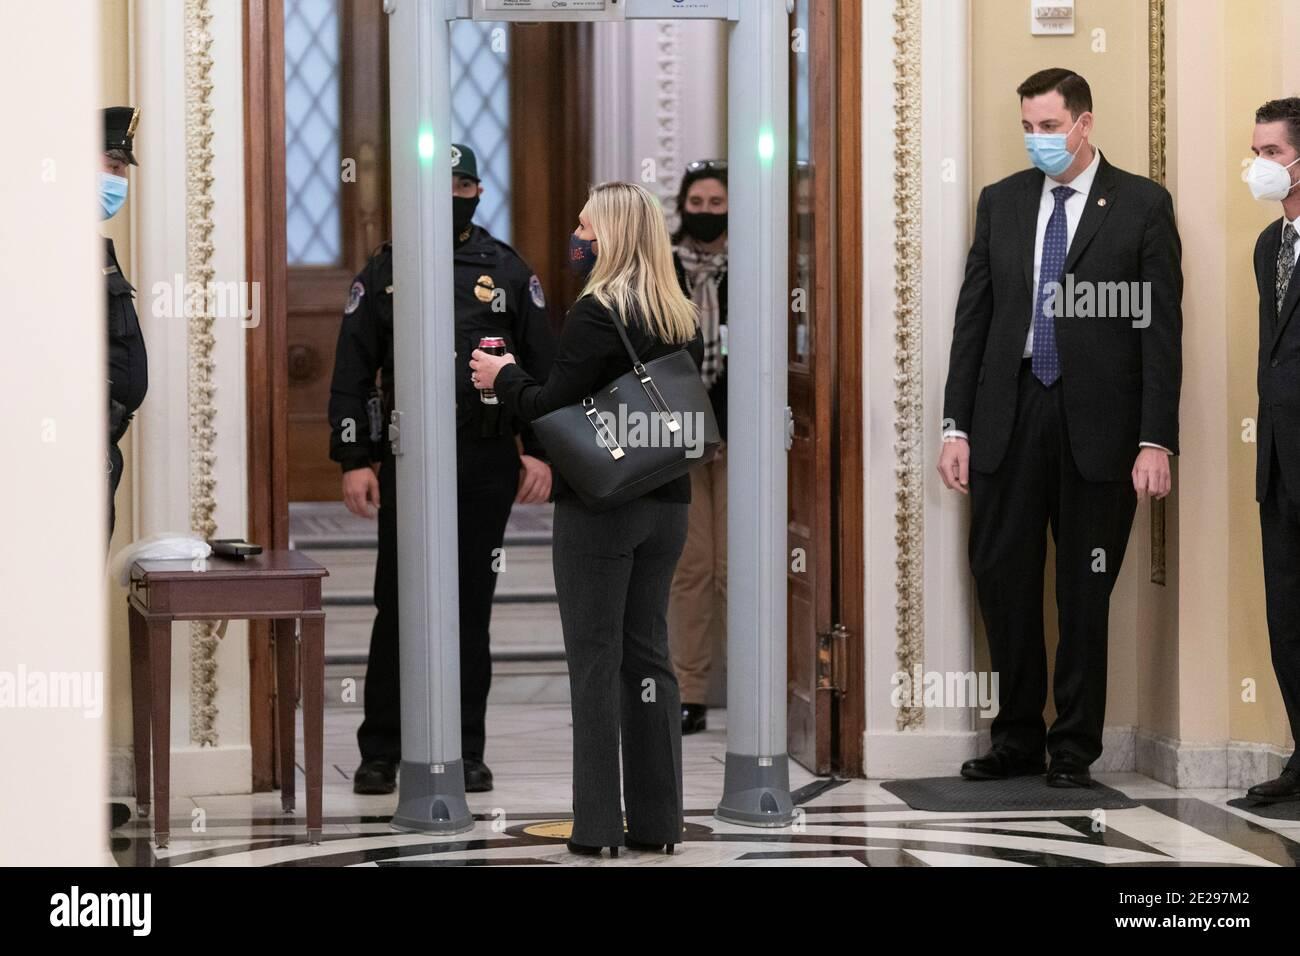 12 de enero de 2021 - Washington DC- la Representante Marjorie Taylor Greene(R-GA) pasa a través de un detector de metales recientemente instalado fuera de la Cámara de Cámara. Crédito de la foto: Chris Kleponis/Sipa USA Foto de stock